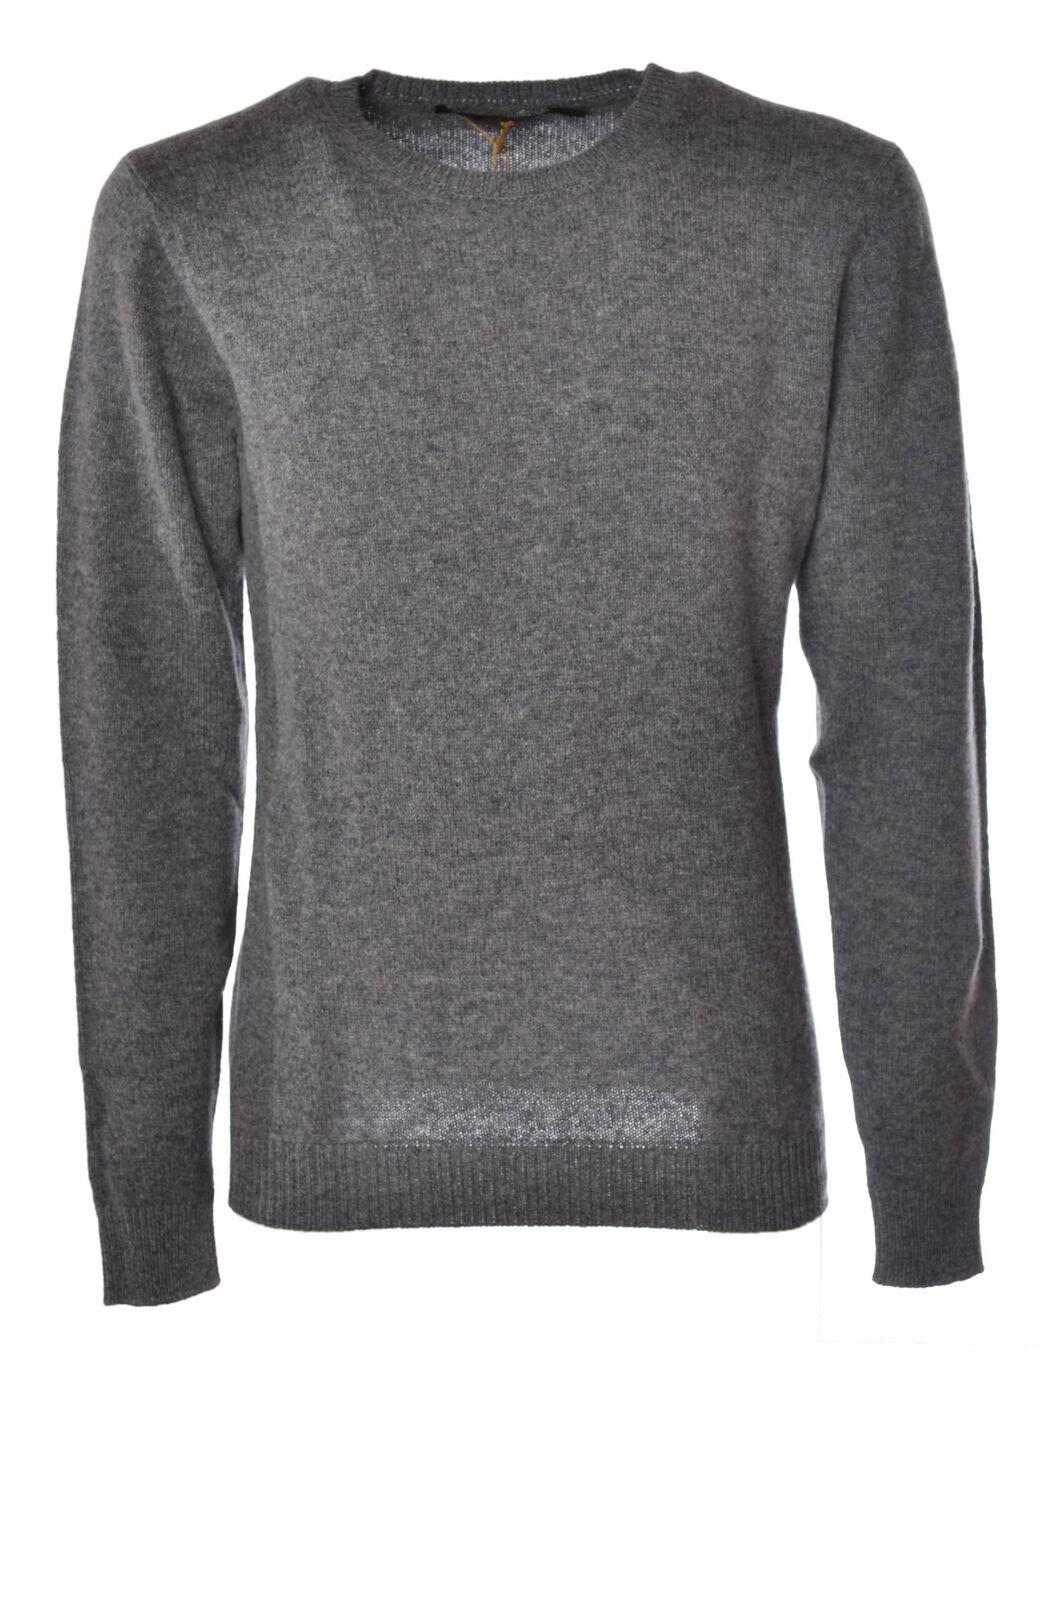 Irish Crone  -  Sweaters - Male - Grey - 2509626N173455